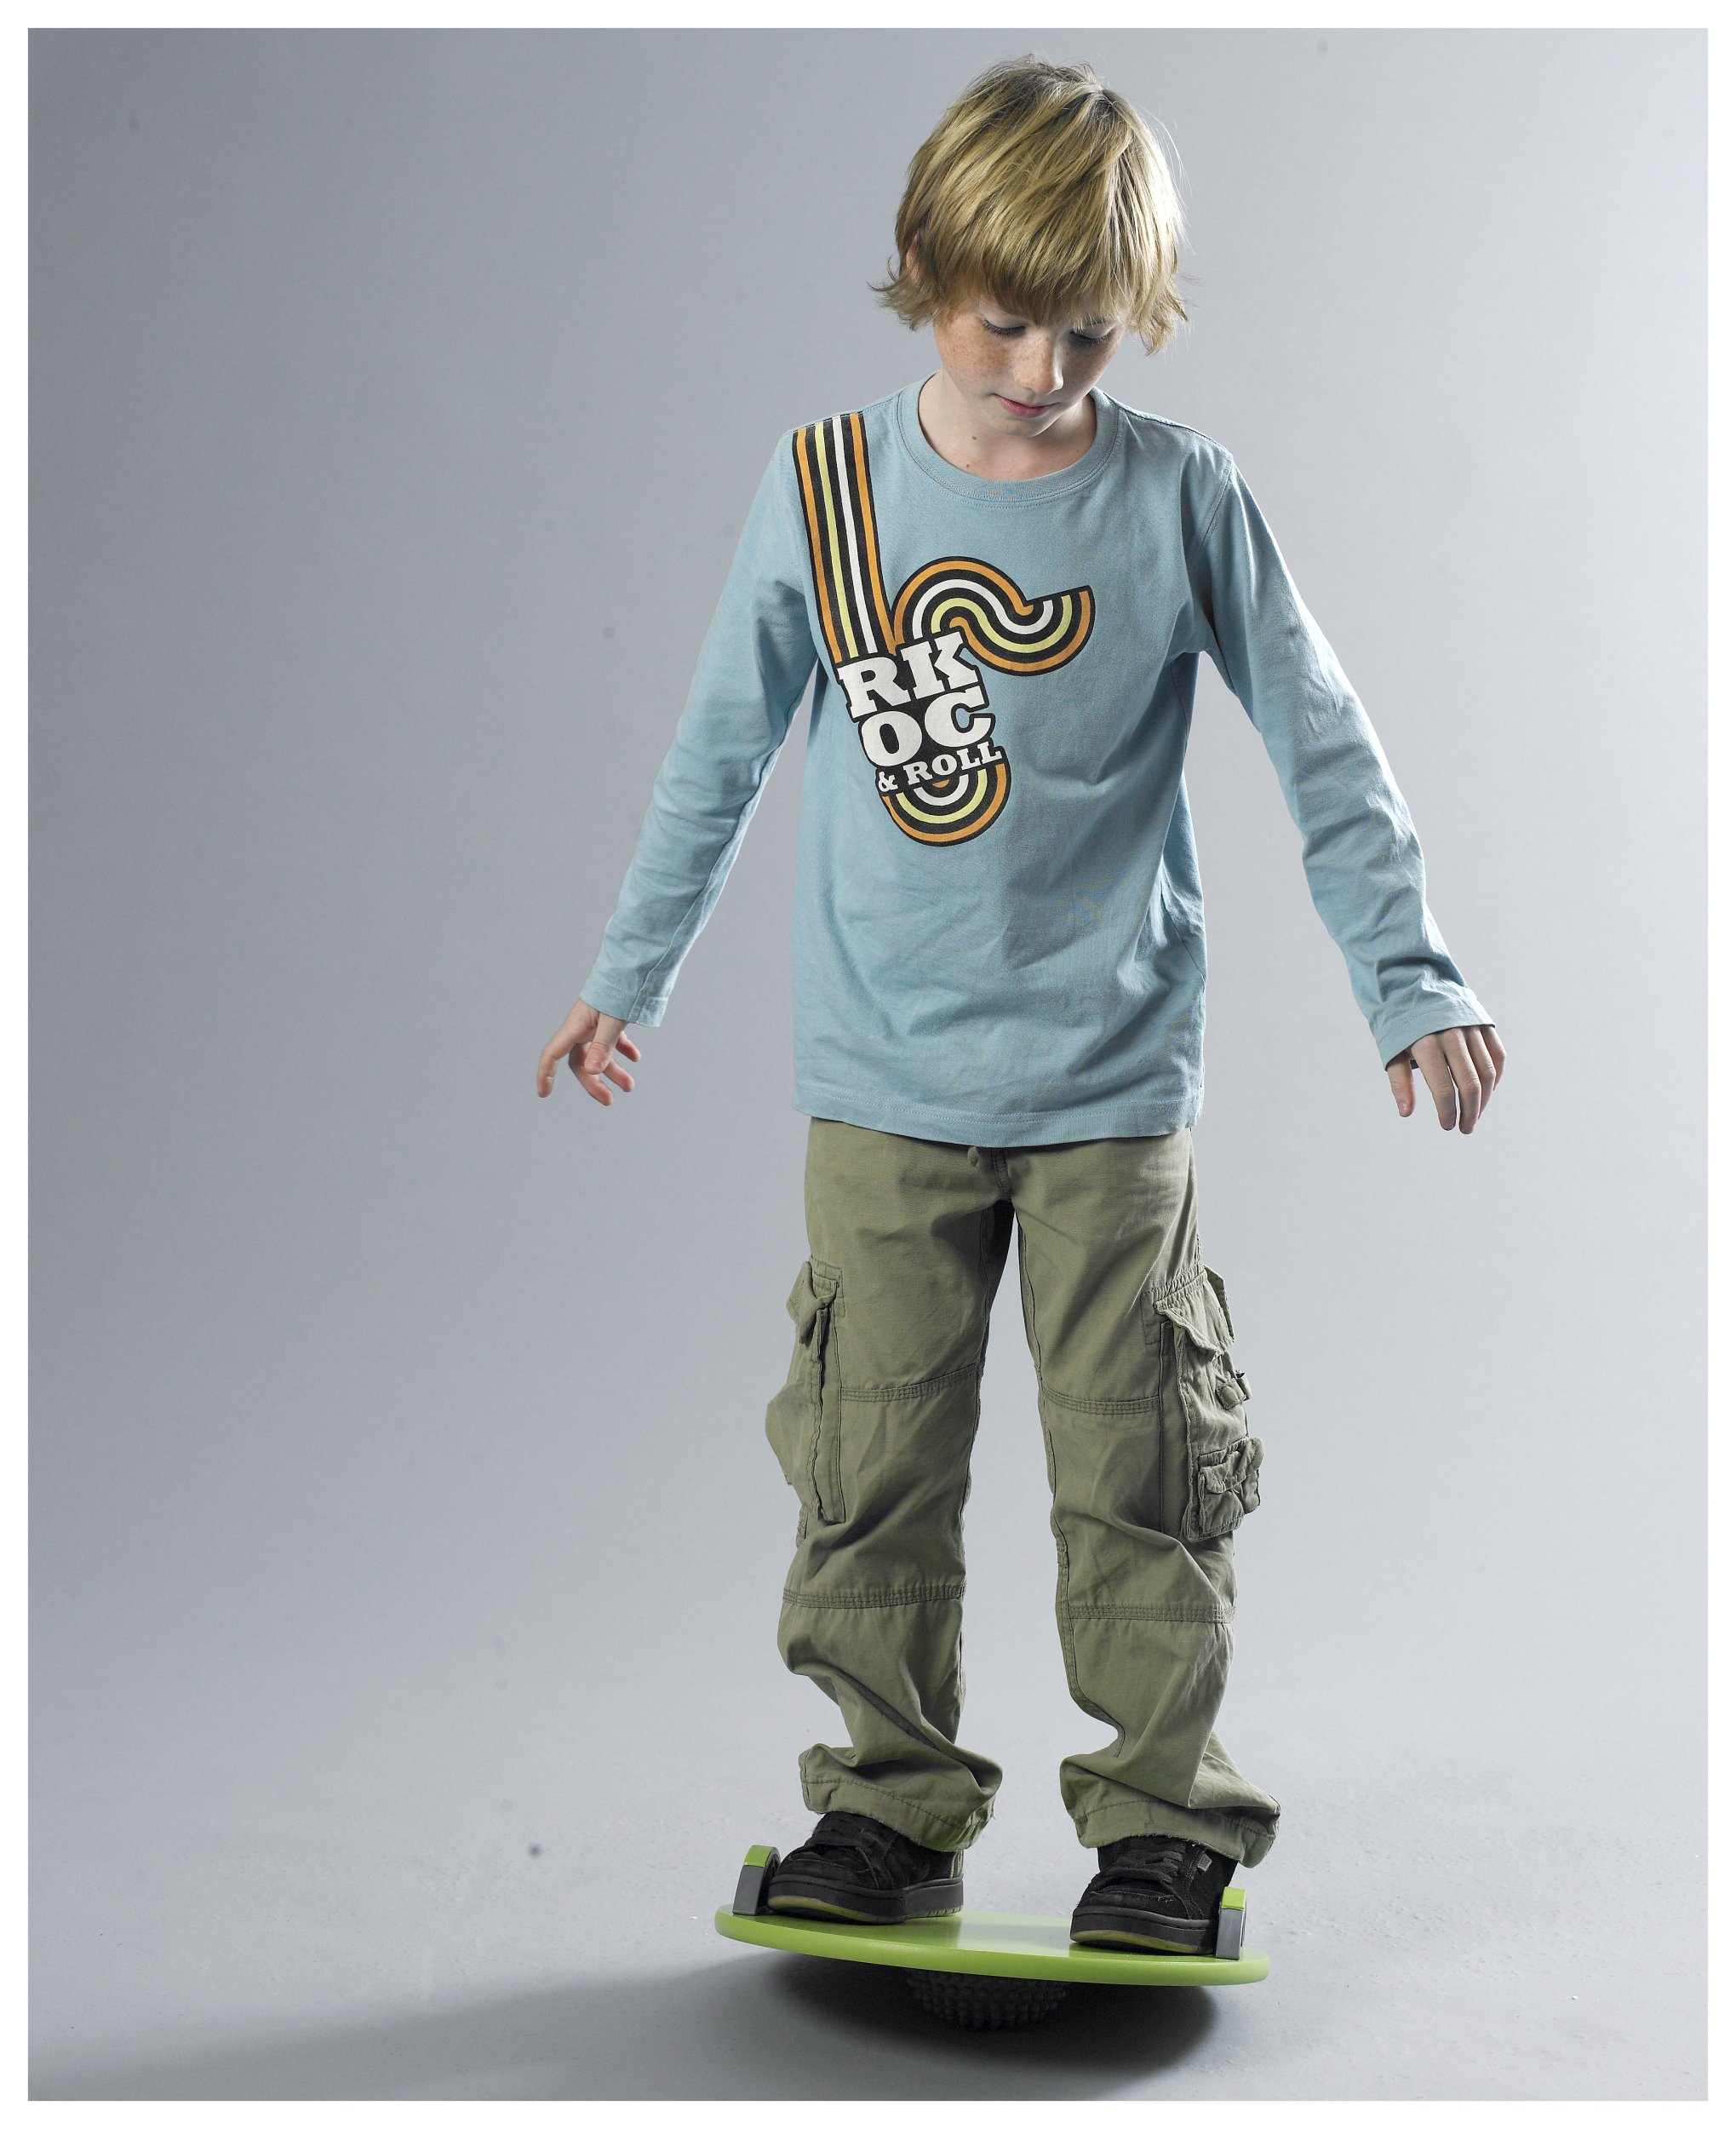 MFT Fun Disc Fitness apparel - 40,5 x 40 x 12,5 cm